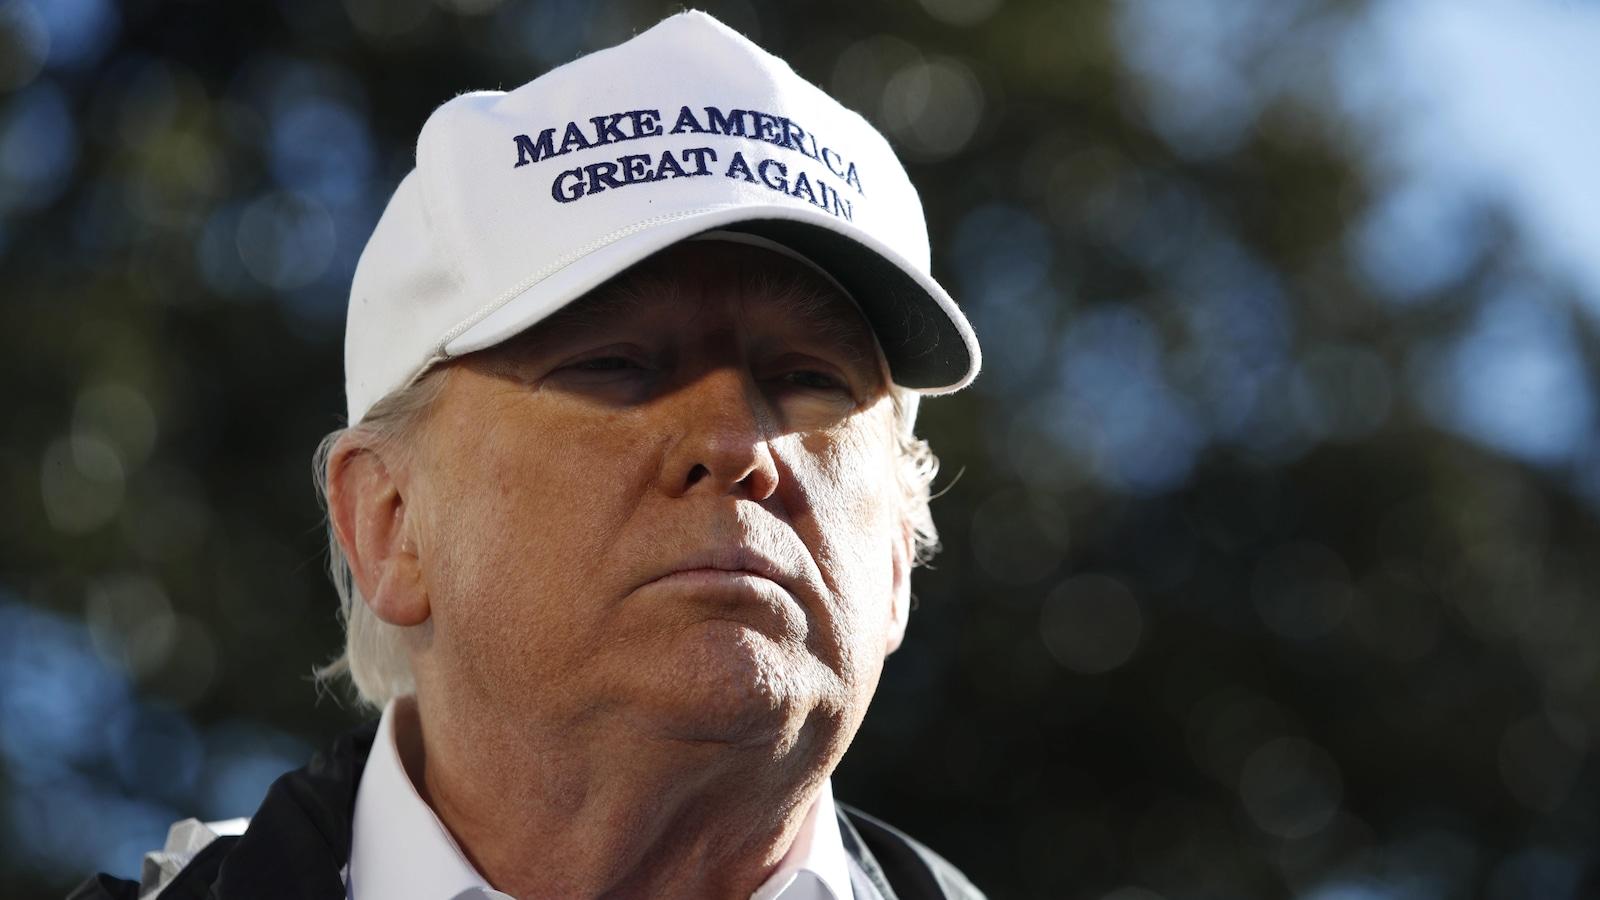 Gros plan du président Donald Trump qui arbore une casquette sur laquelle il est écrit : Make America Great Again »